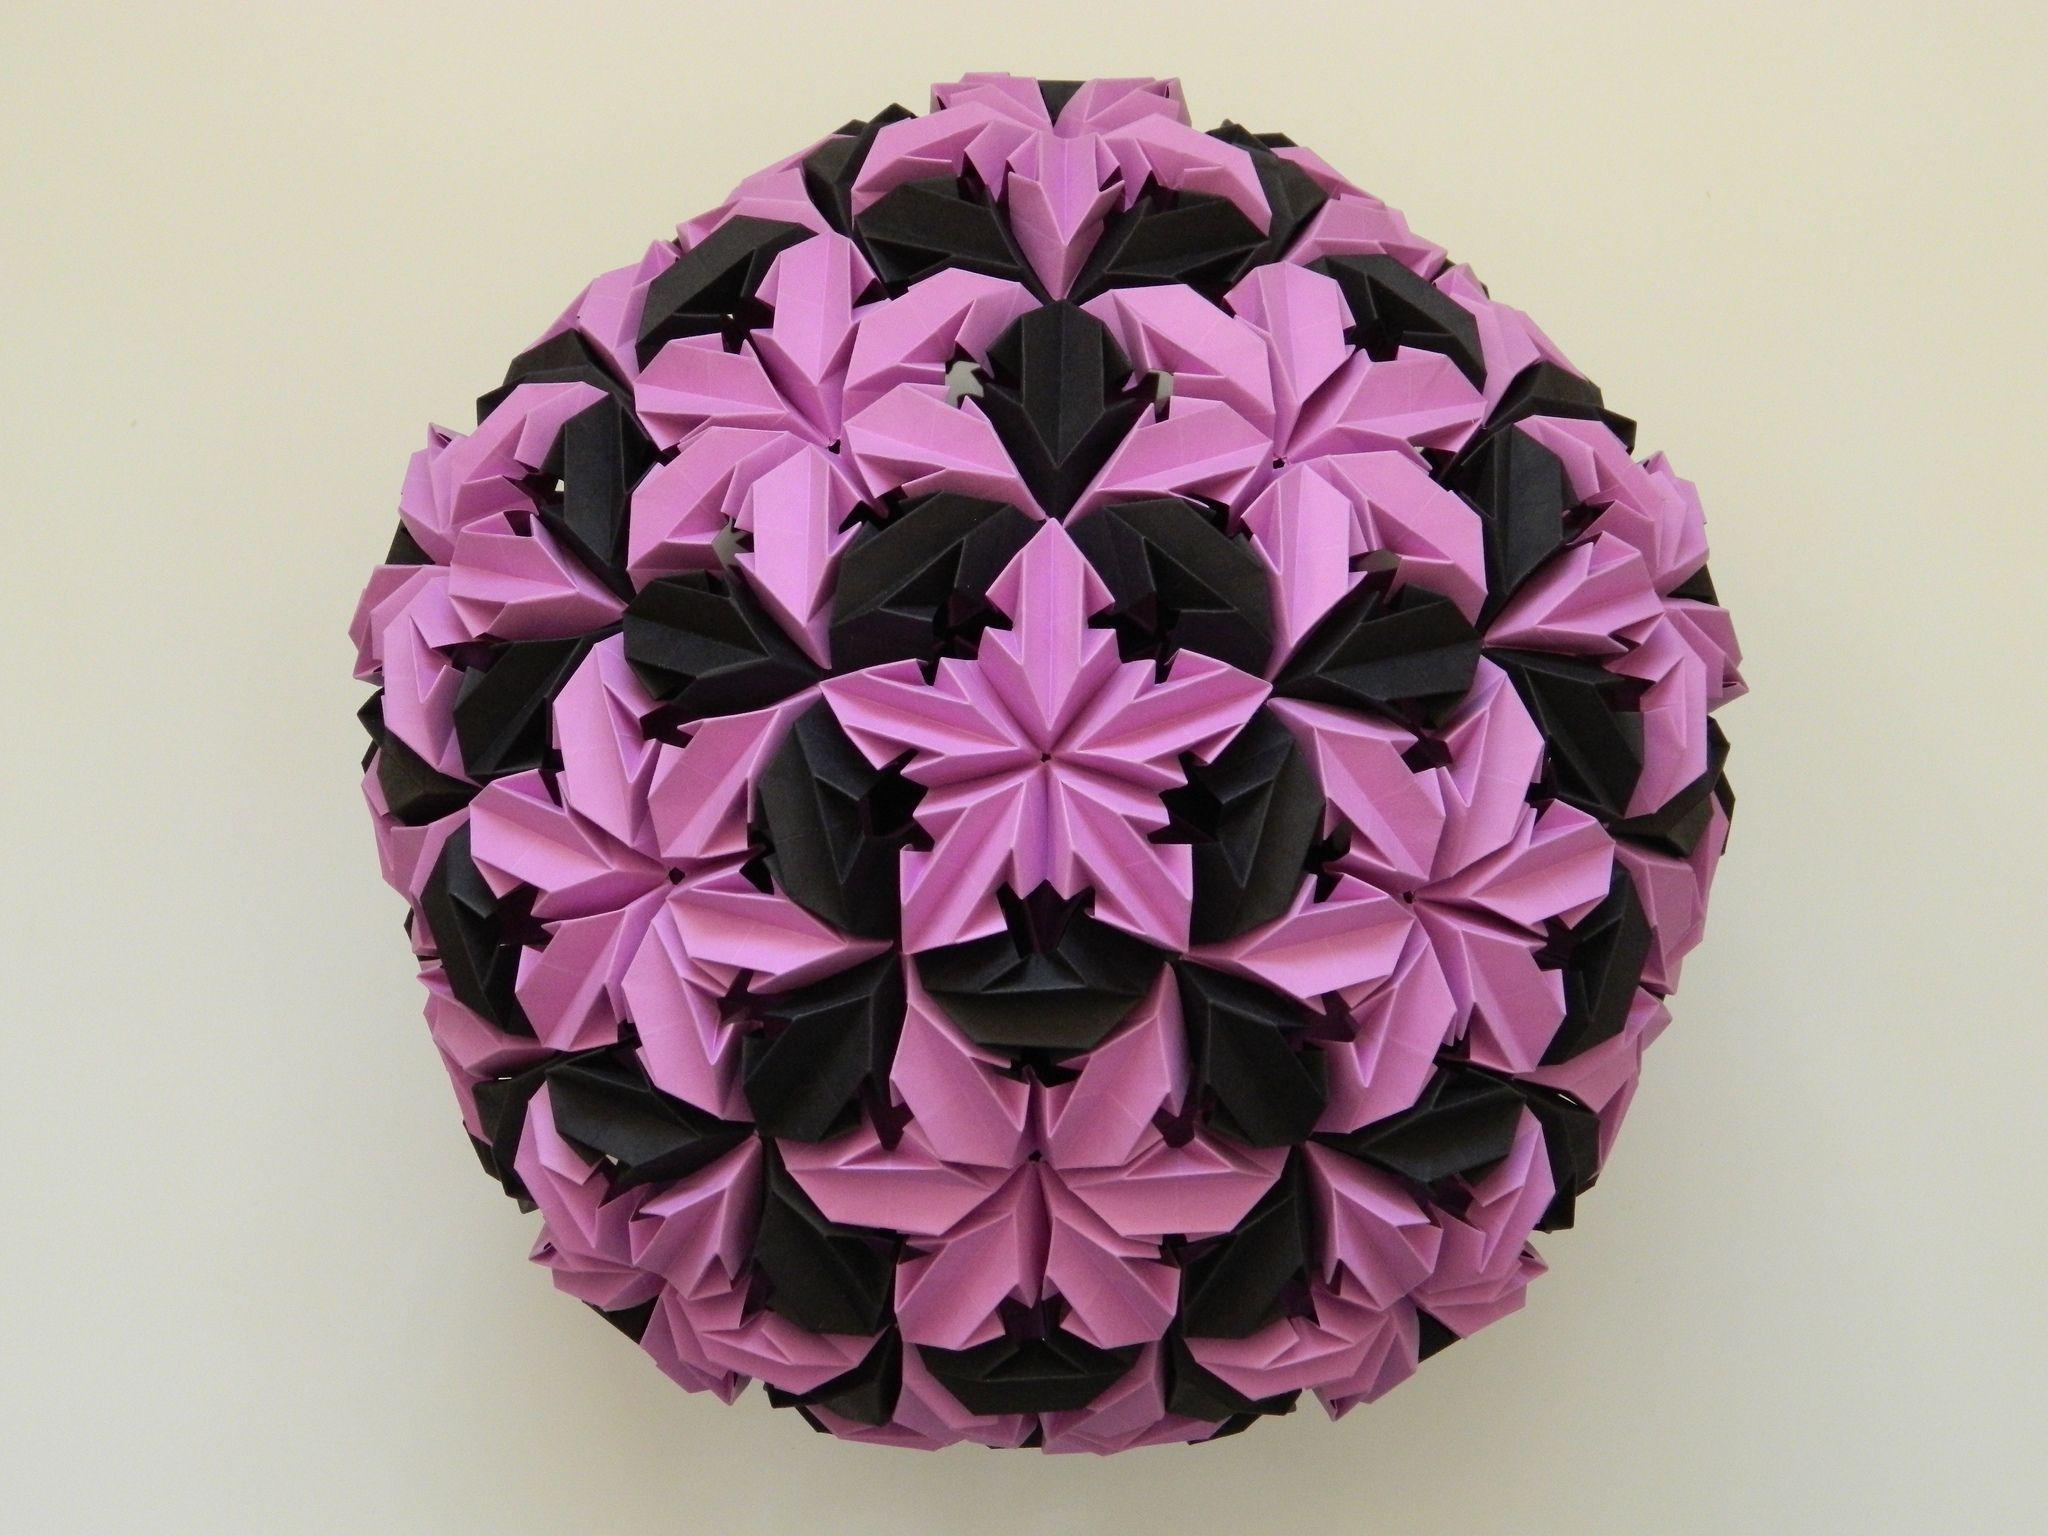 90 Origami Flower Modular Ball Leroys Chrysanthemum 270